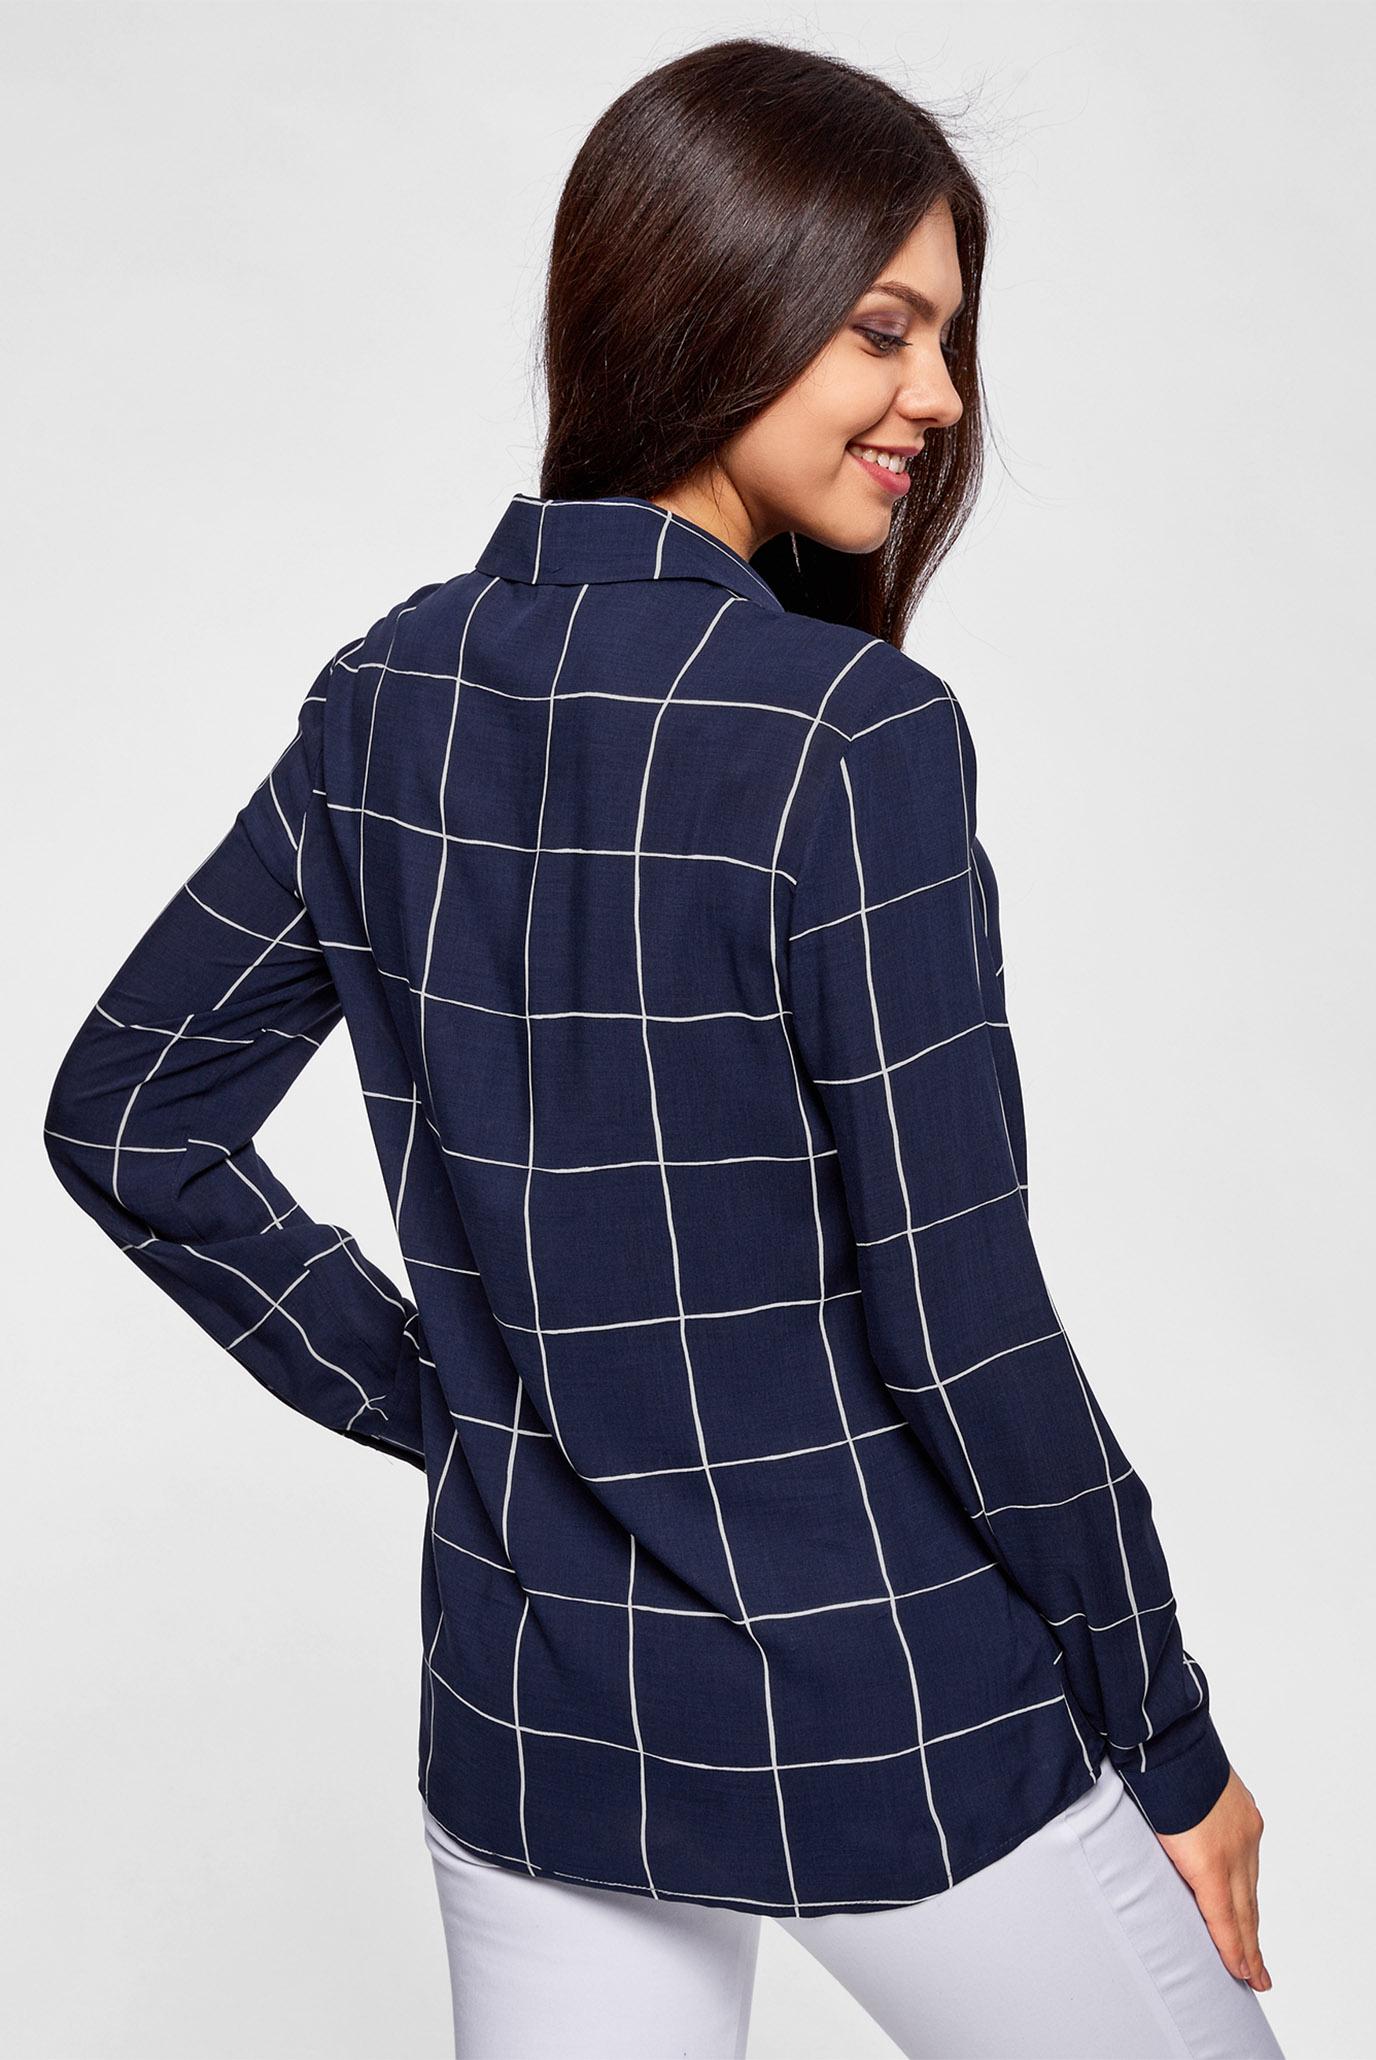 Купить Женская синяя блуза в клетку Oodji Oodji 11411098-3/24681/7912C – Киев, Украина. Цены в интернет магазине MD Fashion